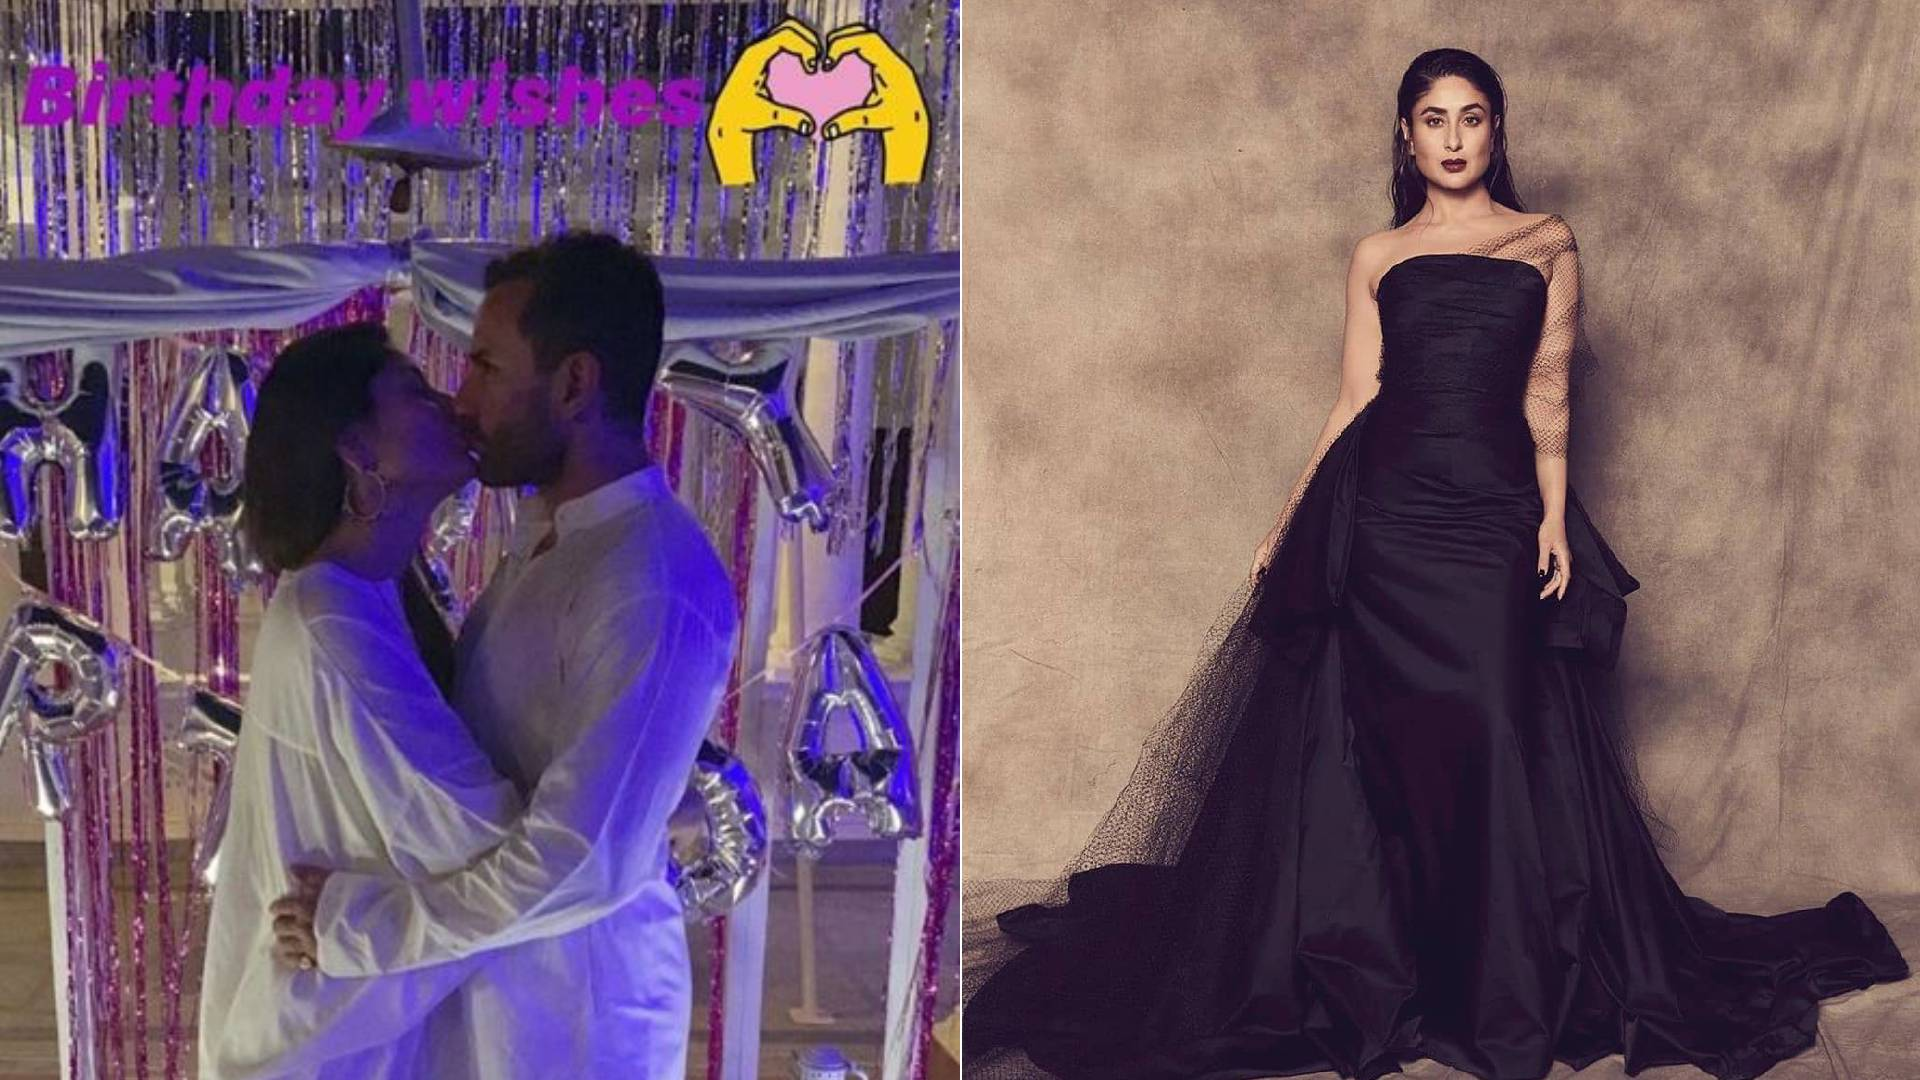 Kareena Kapoor birthday: जब सैफू मियां से शादी के लिए घर छोड़ने को तैयार हो गईं करीना कपूर, अनसुने किस्से